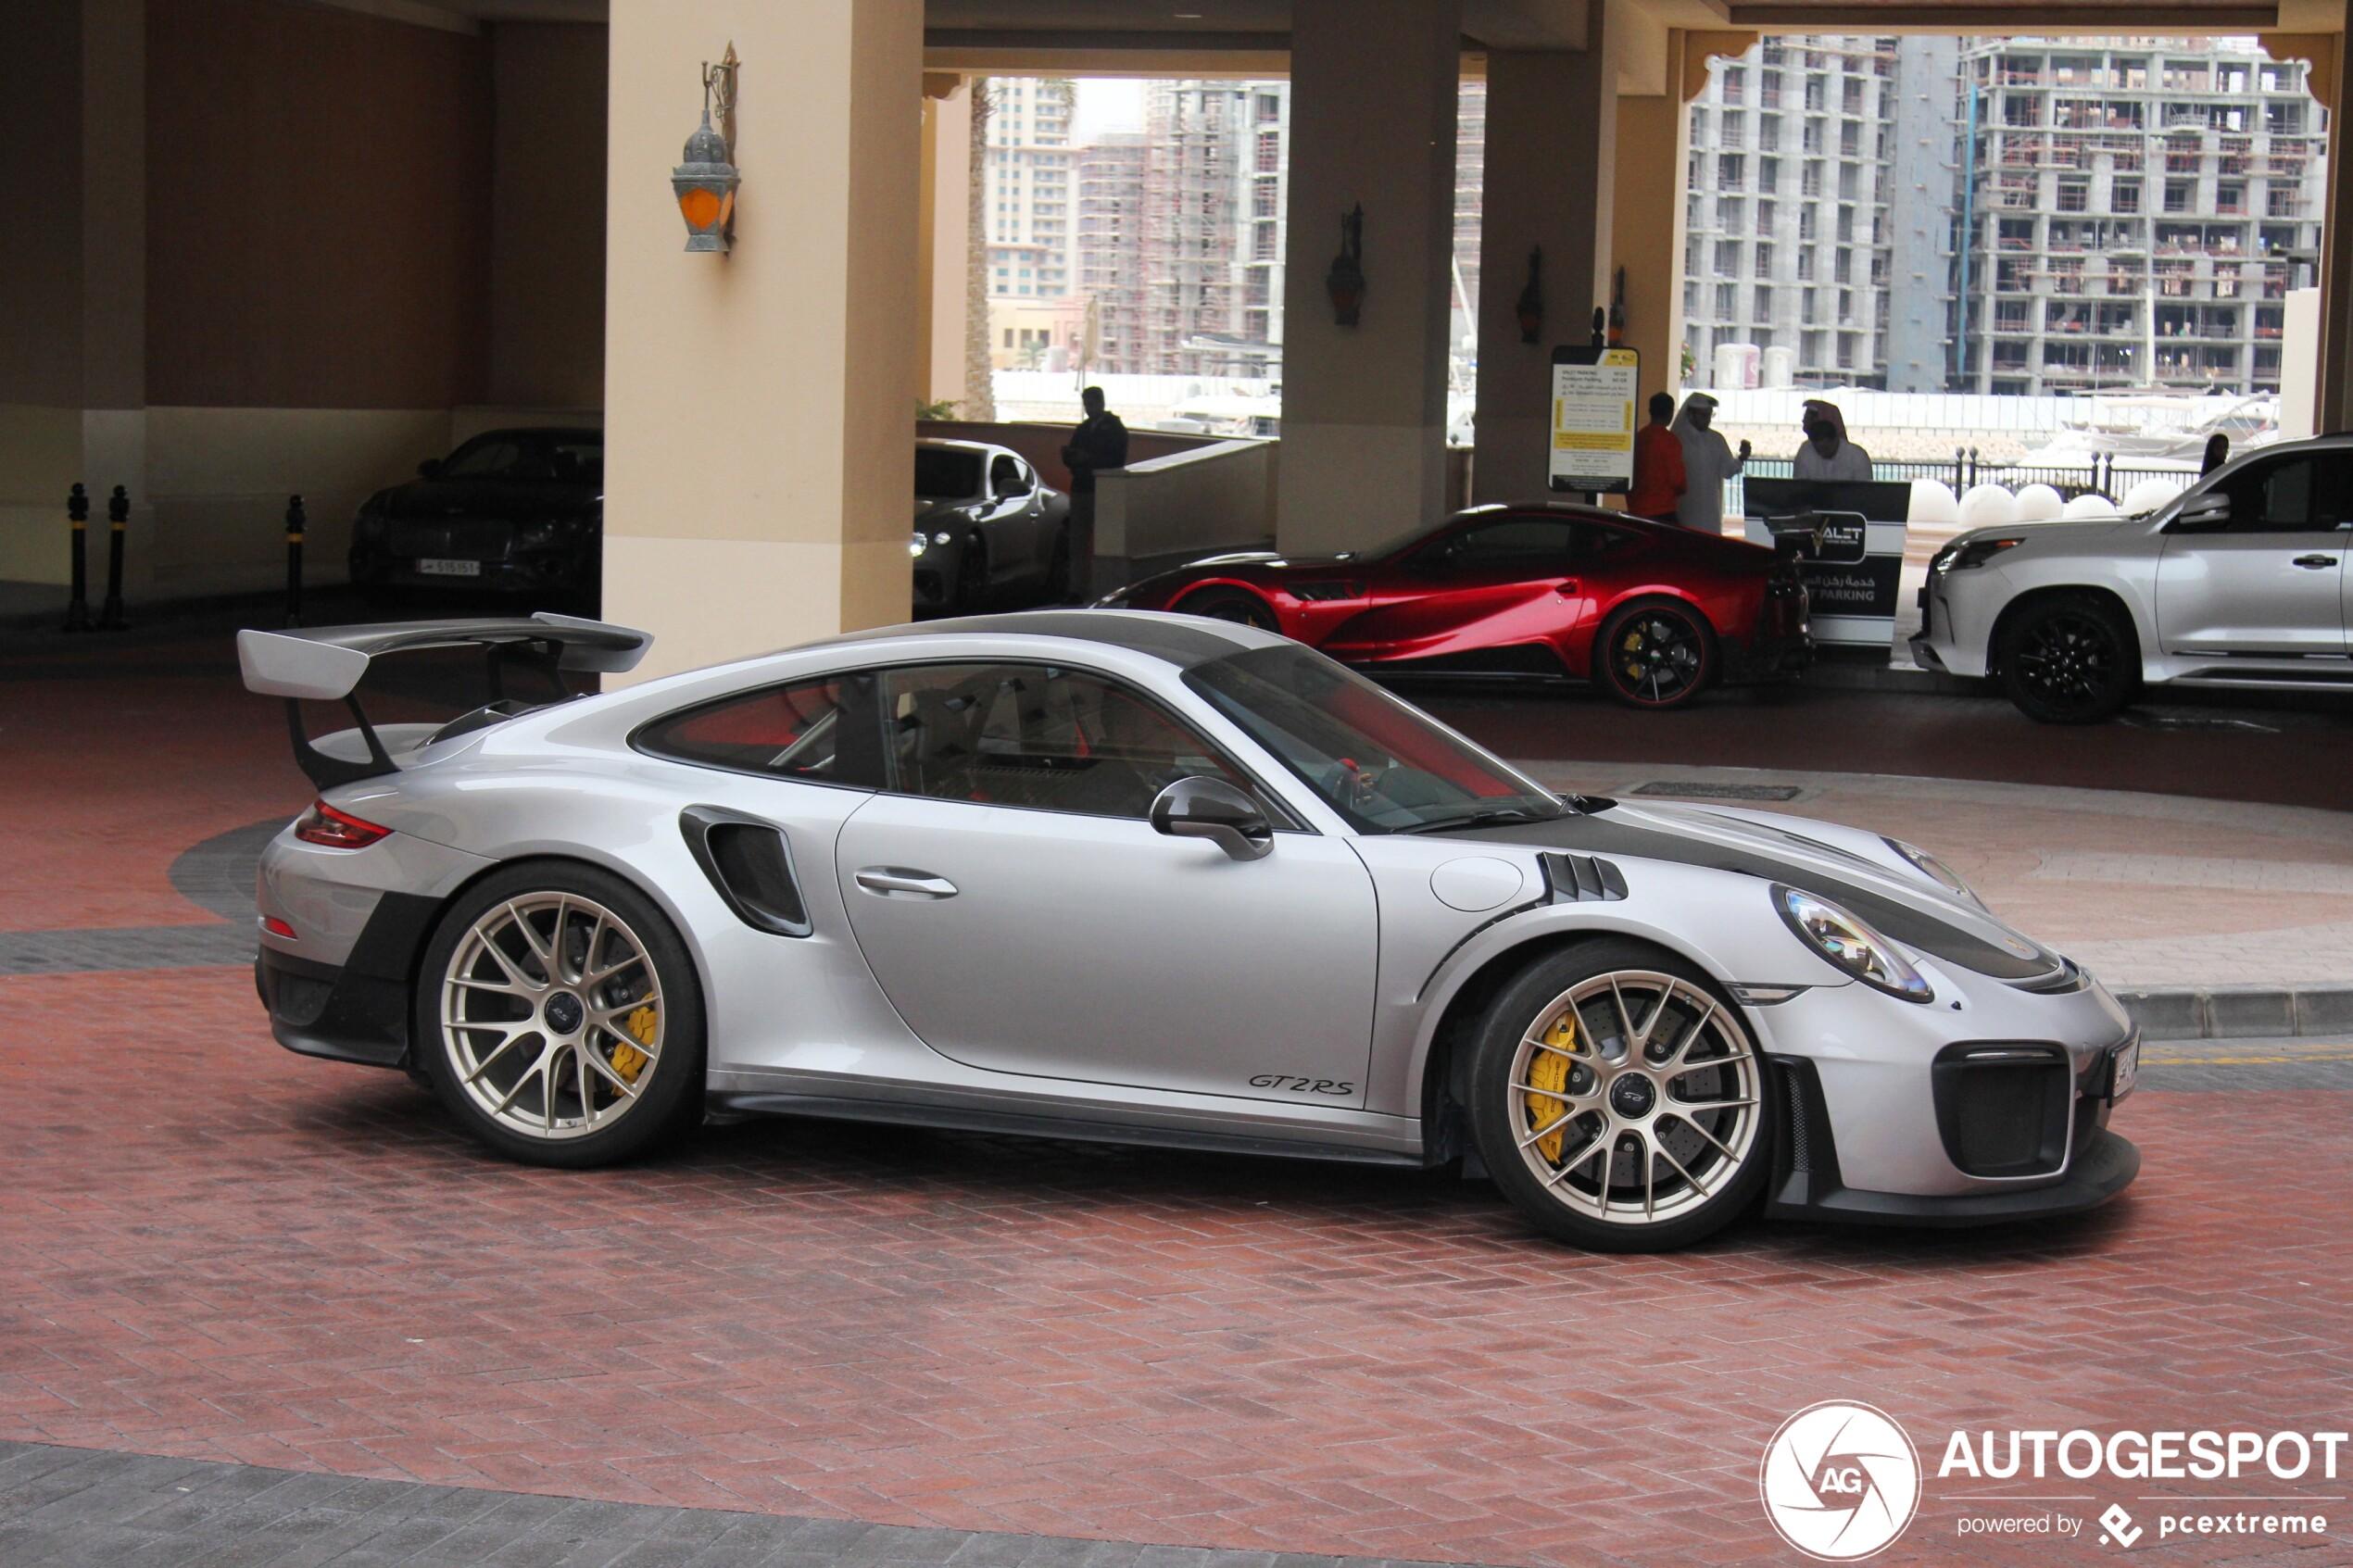 Porsche 991 GT2 RS in goed gezelschap gespot